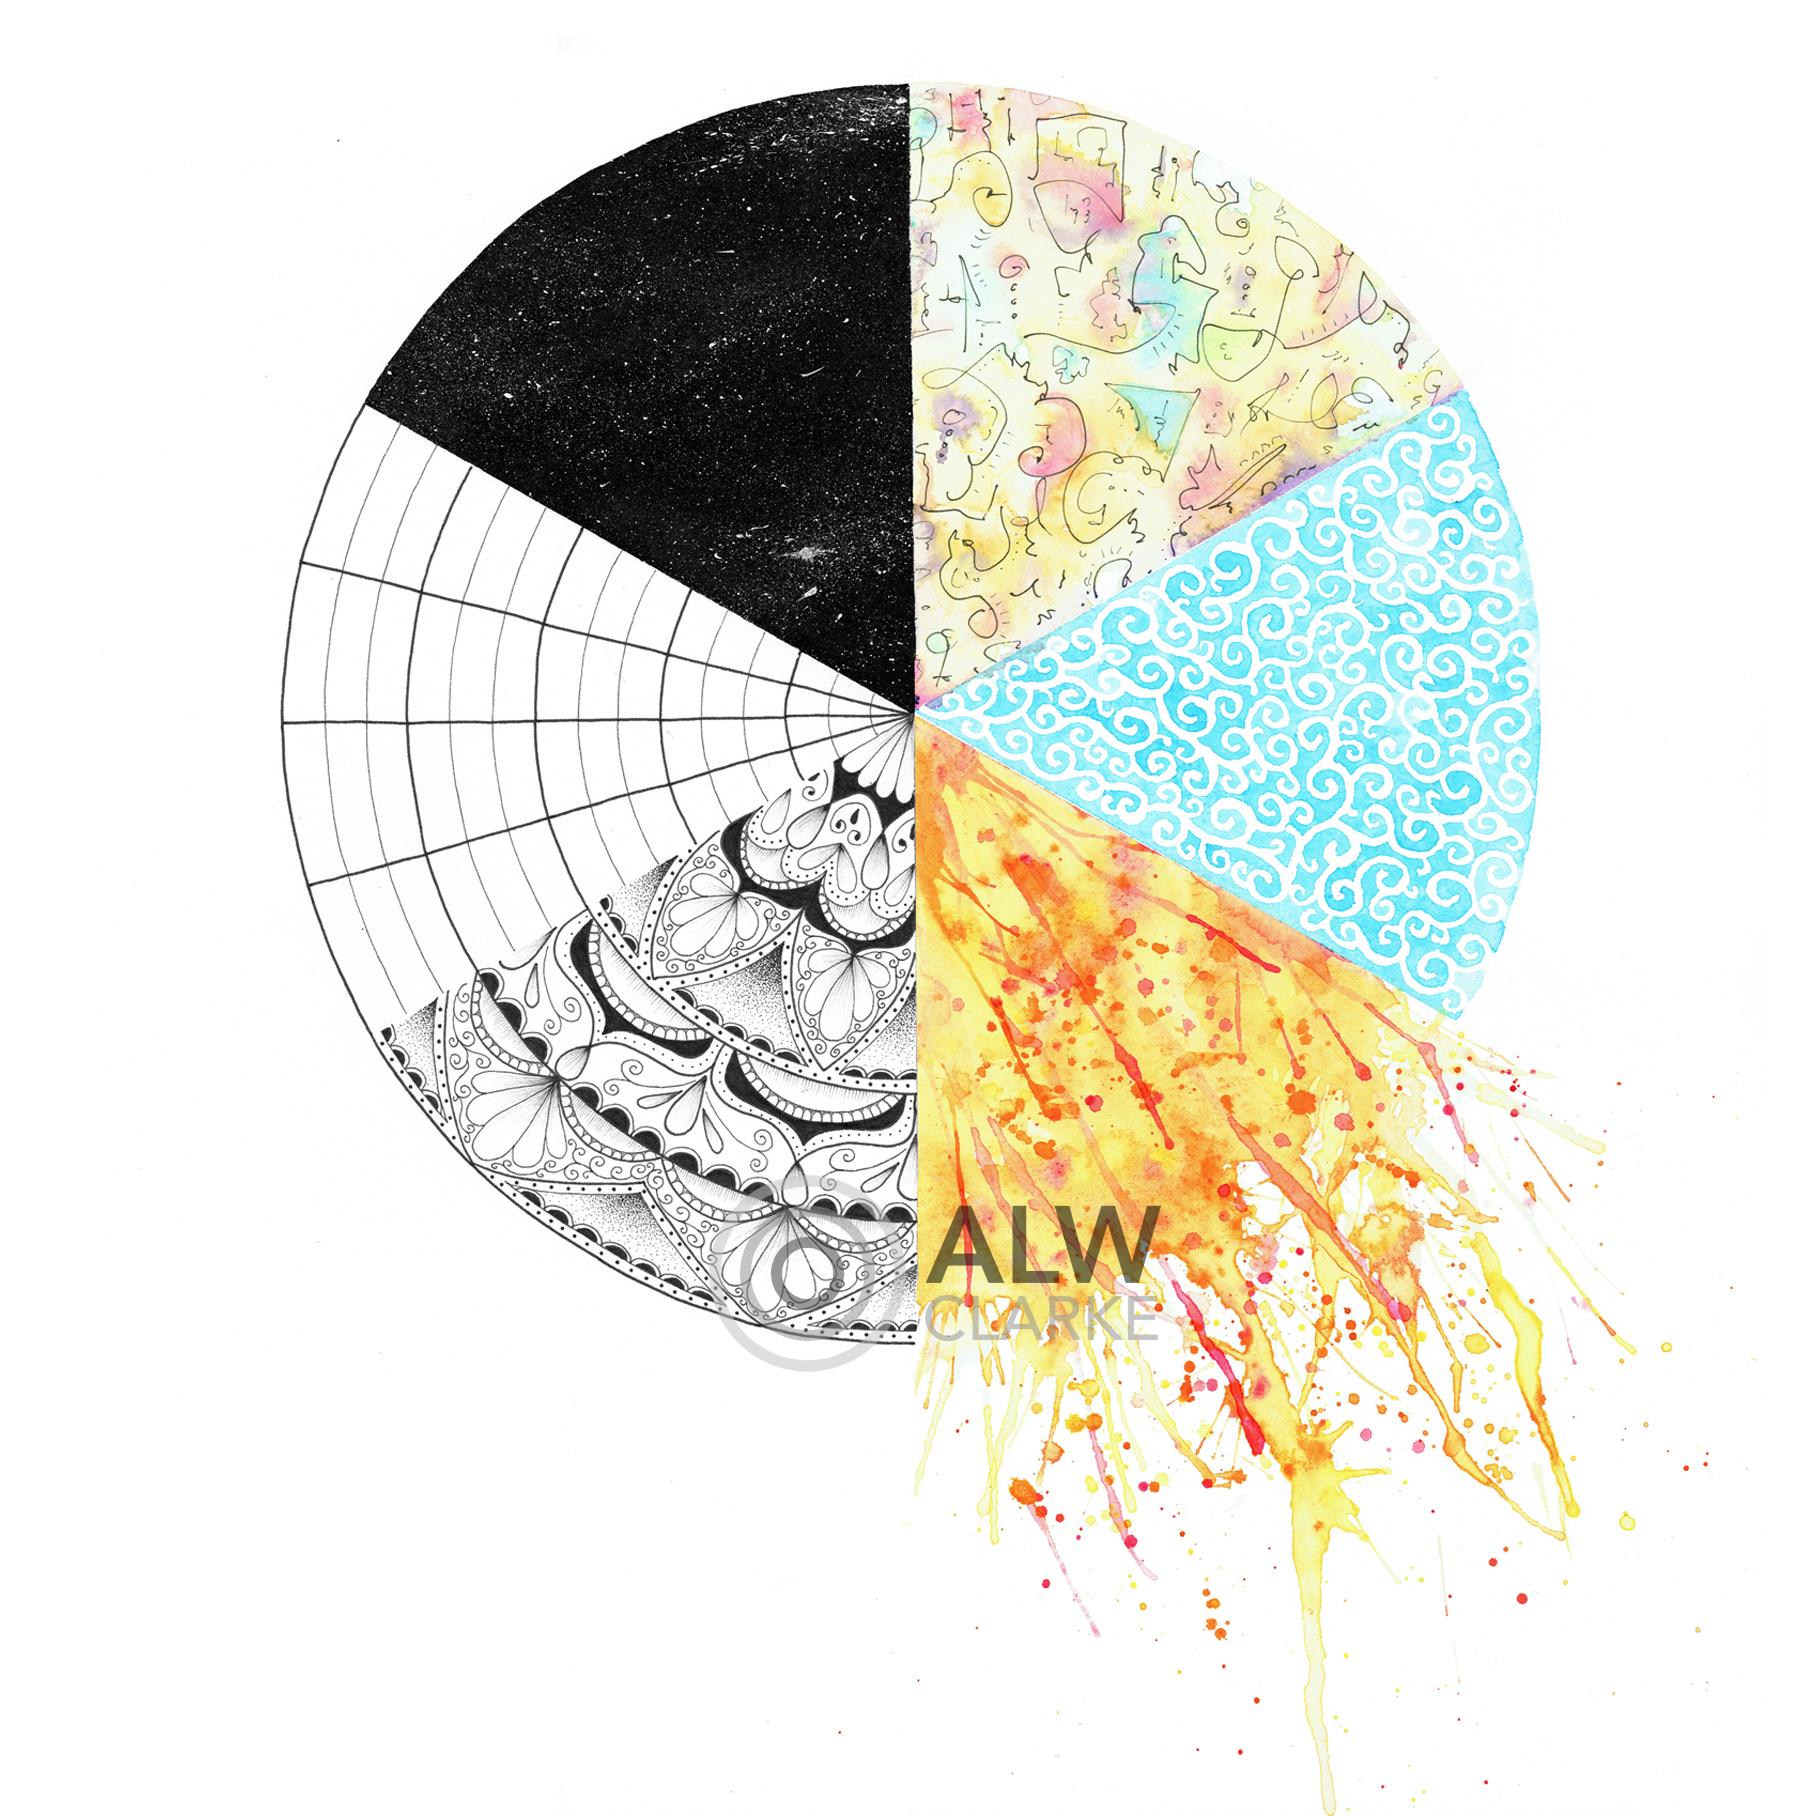 ALW-Clarke-Progression-Open-Mind-Artwork.jpg